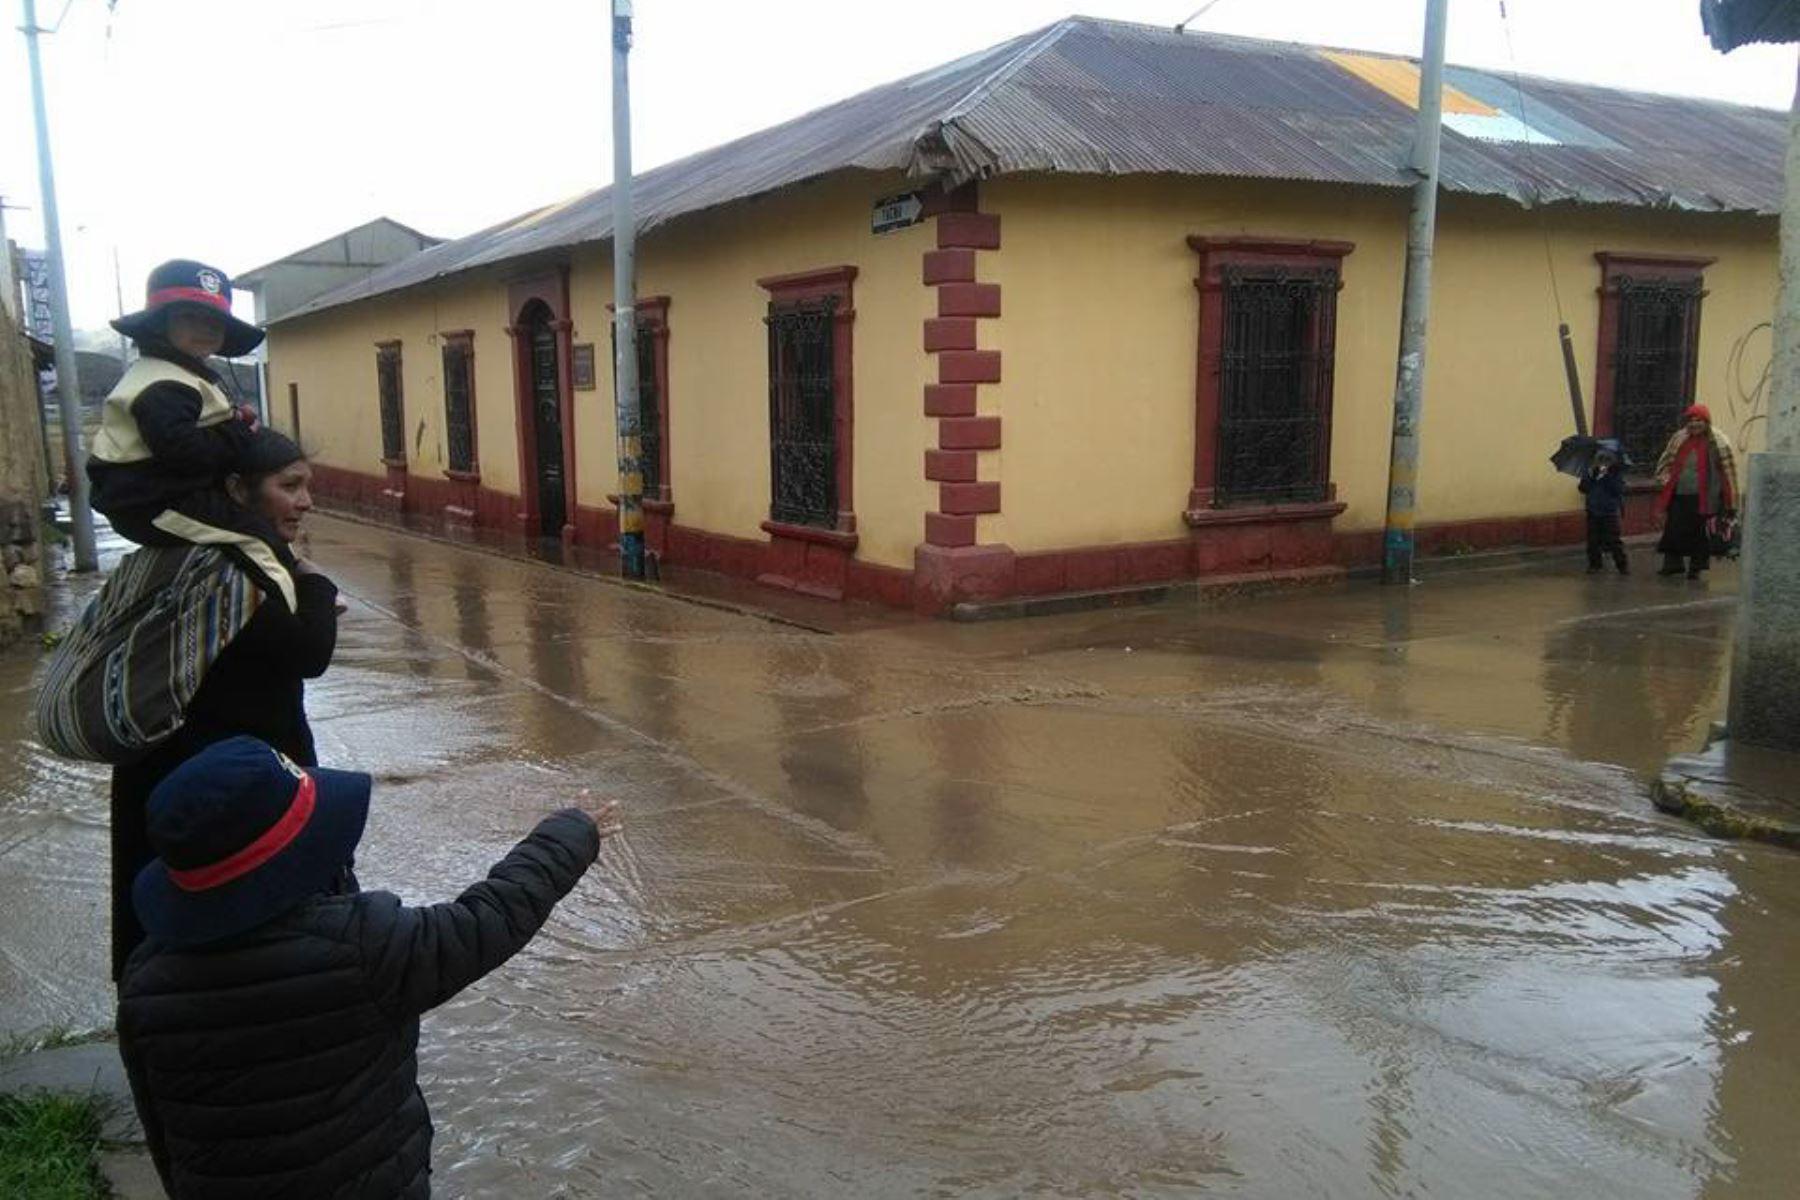 Lluvias intensas inundan y afectan poblados y vías en cinco distritos de Puno. ANDINA